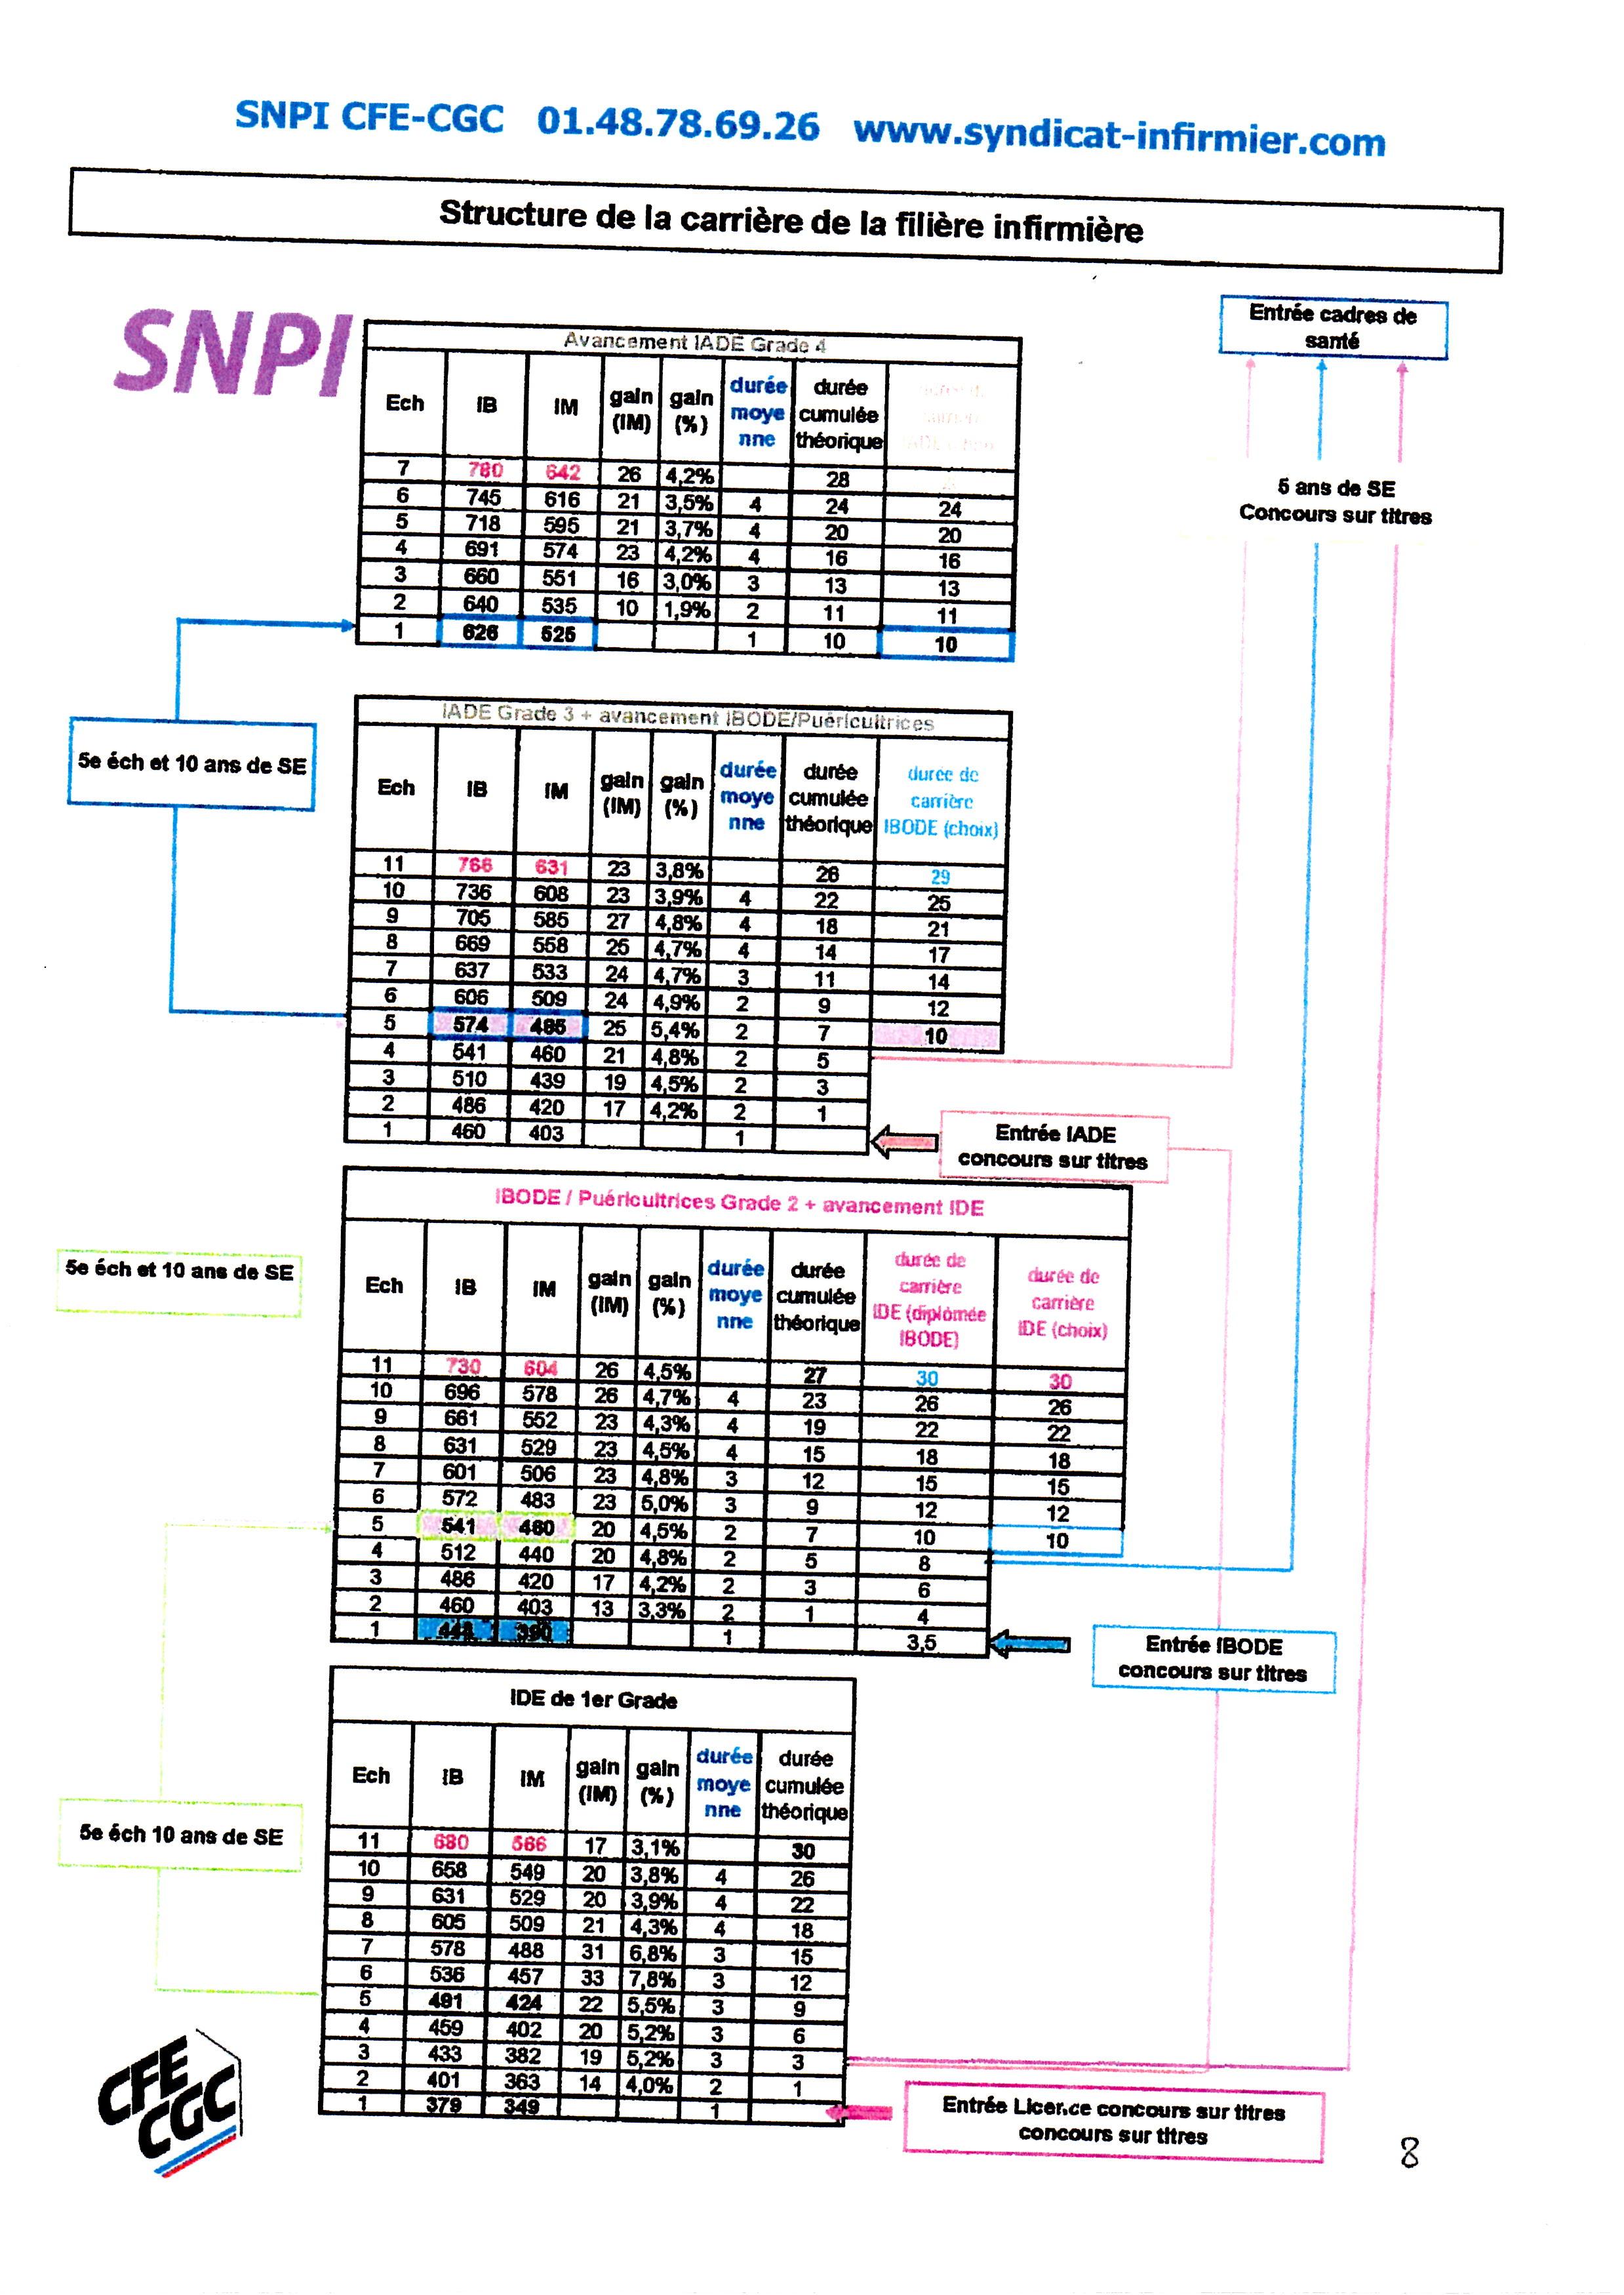 Salaire infirmi re cat gorie a en fph depuis juillet 2012 snpi - Grille salariale fonction publique hospitaliere ...